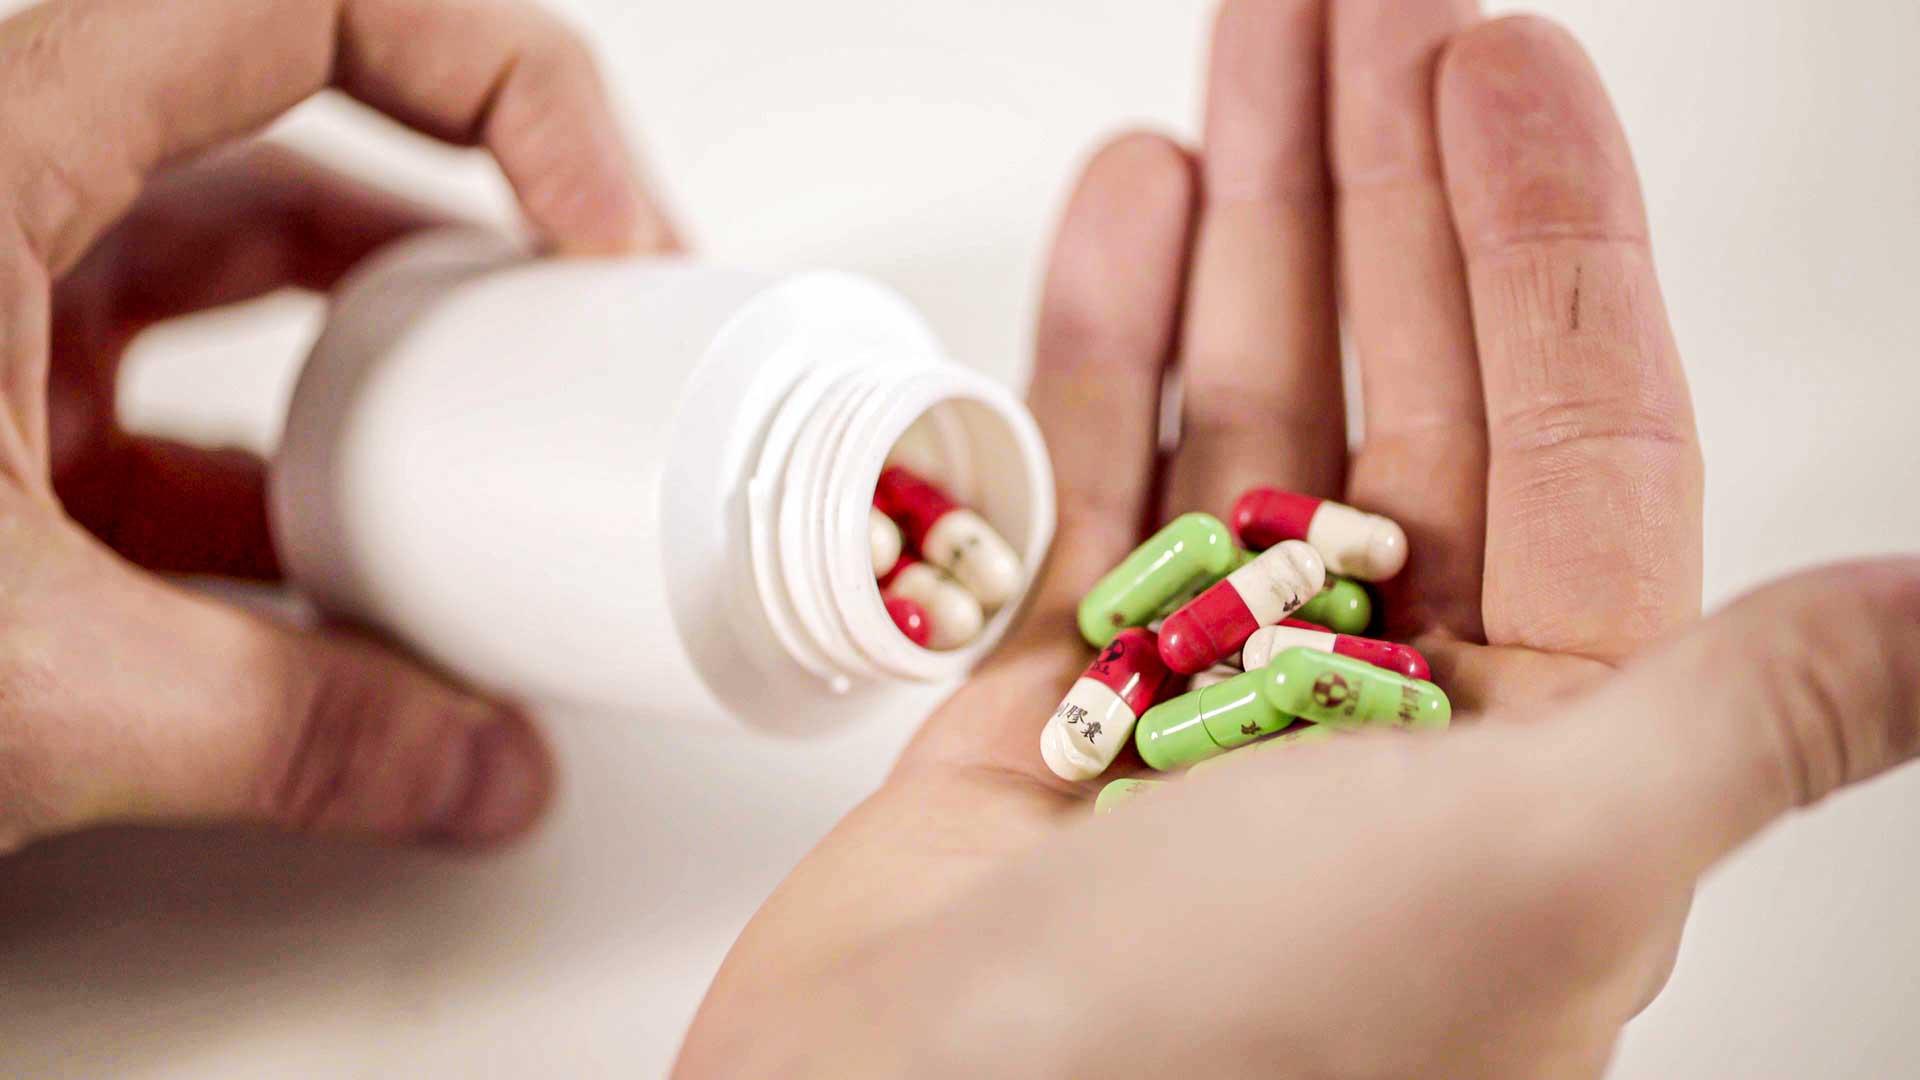 Closure of vials